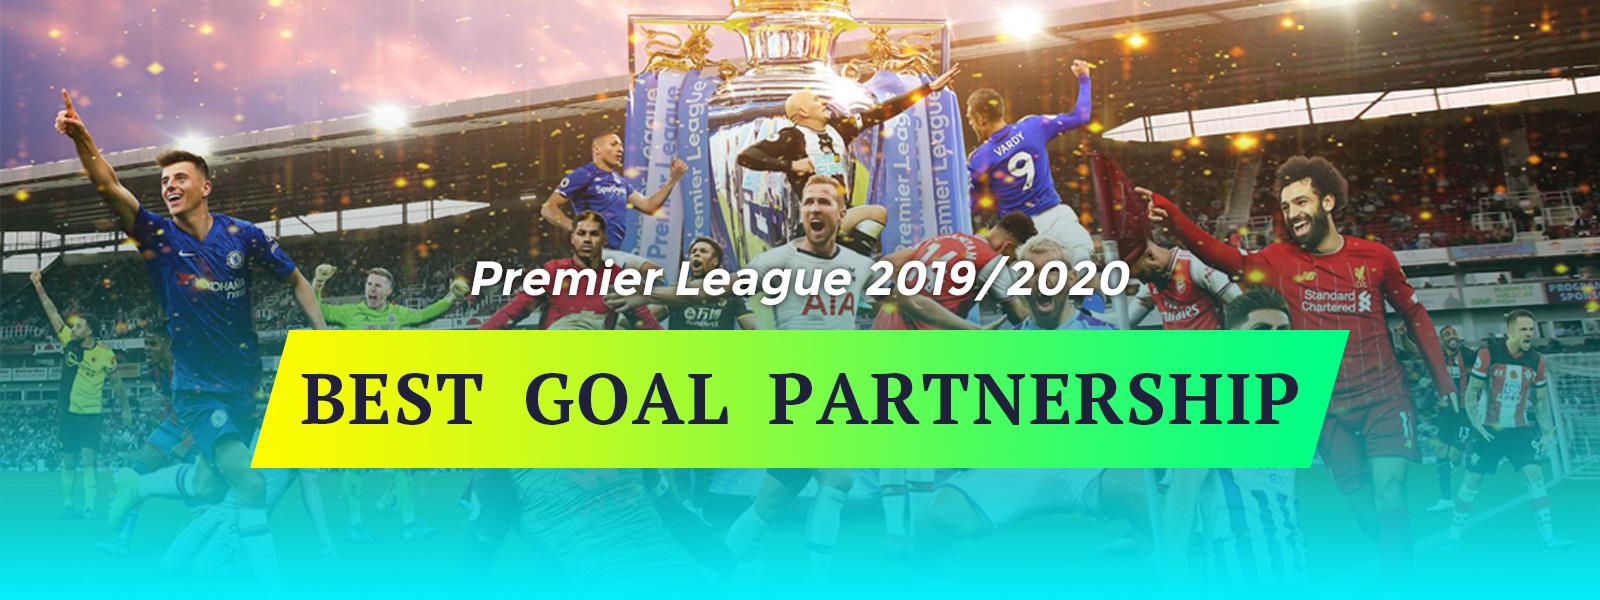 Premier League 2019/2020 - Best Goal Partnership